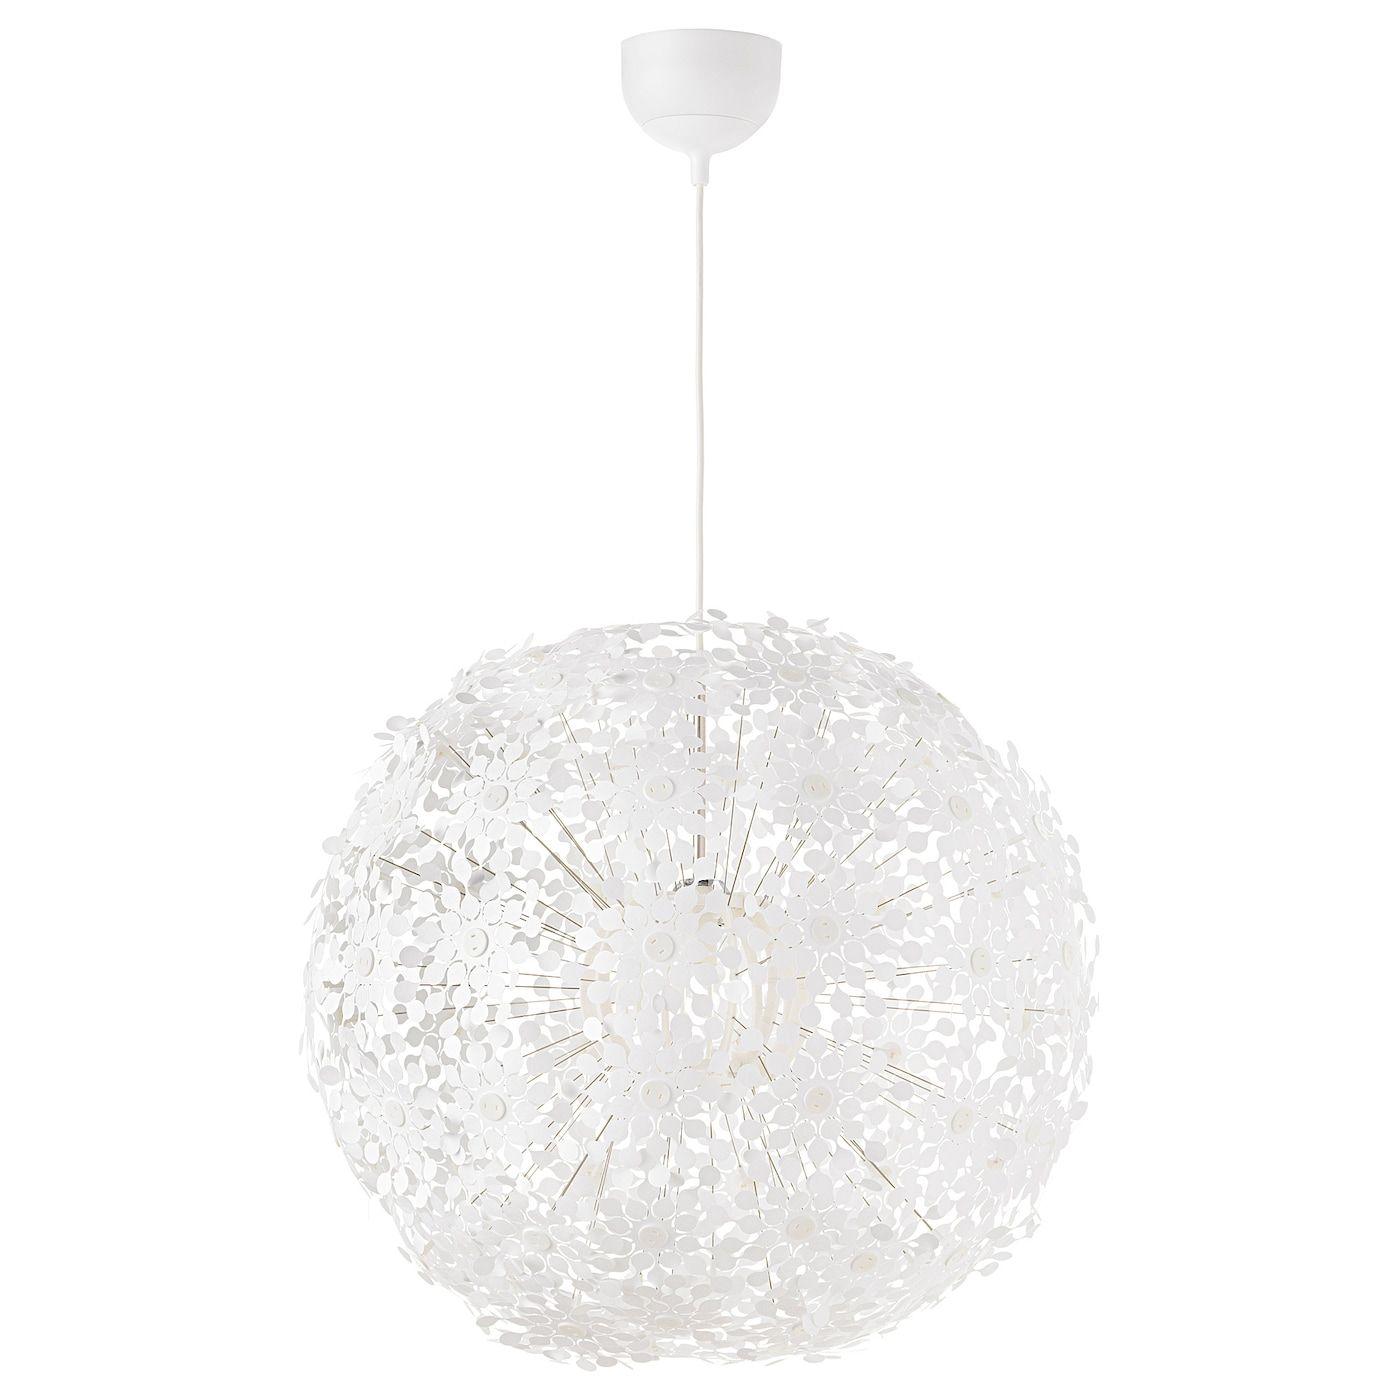 GRIMSÅS Hängeleuchte weiß IKEA Österreich | Ikea